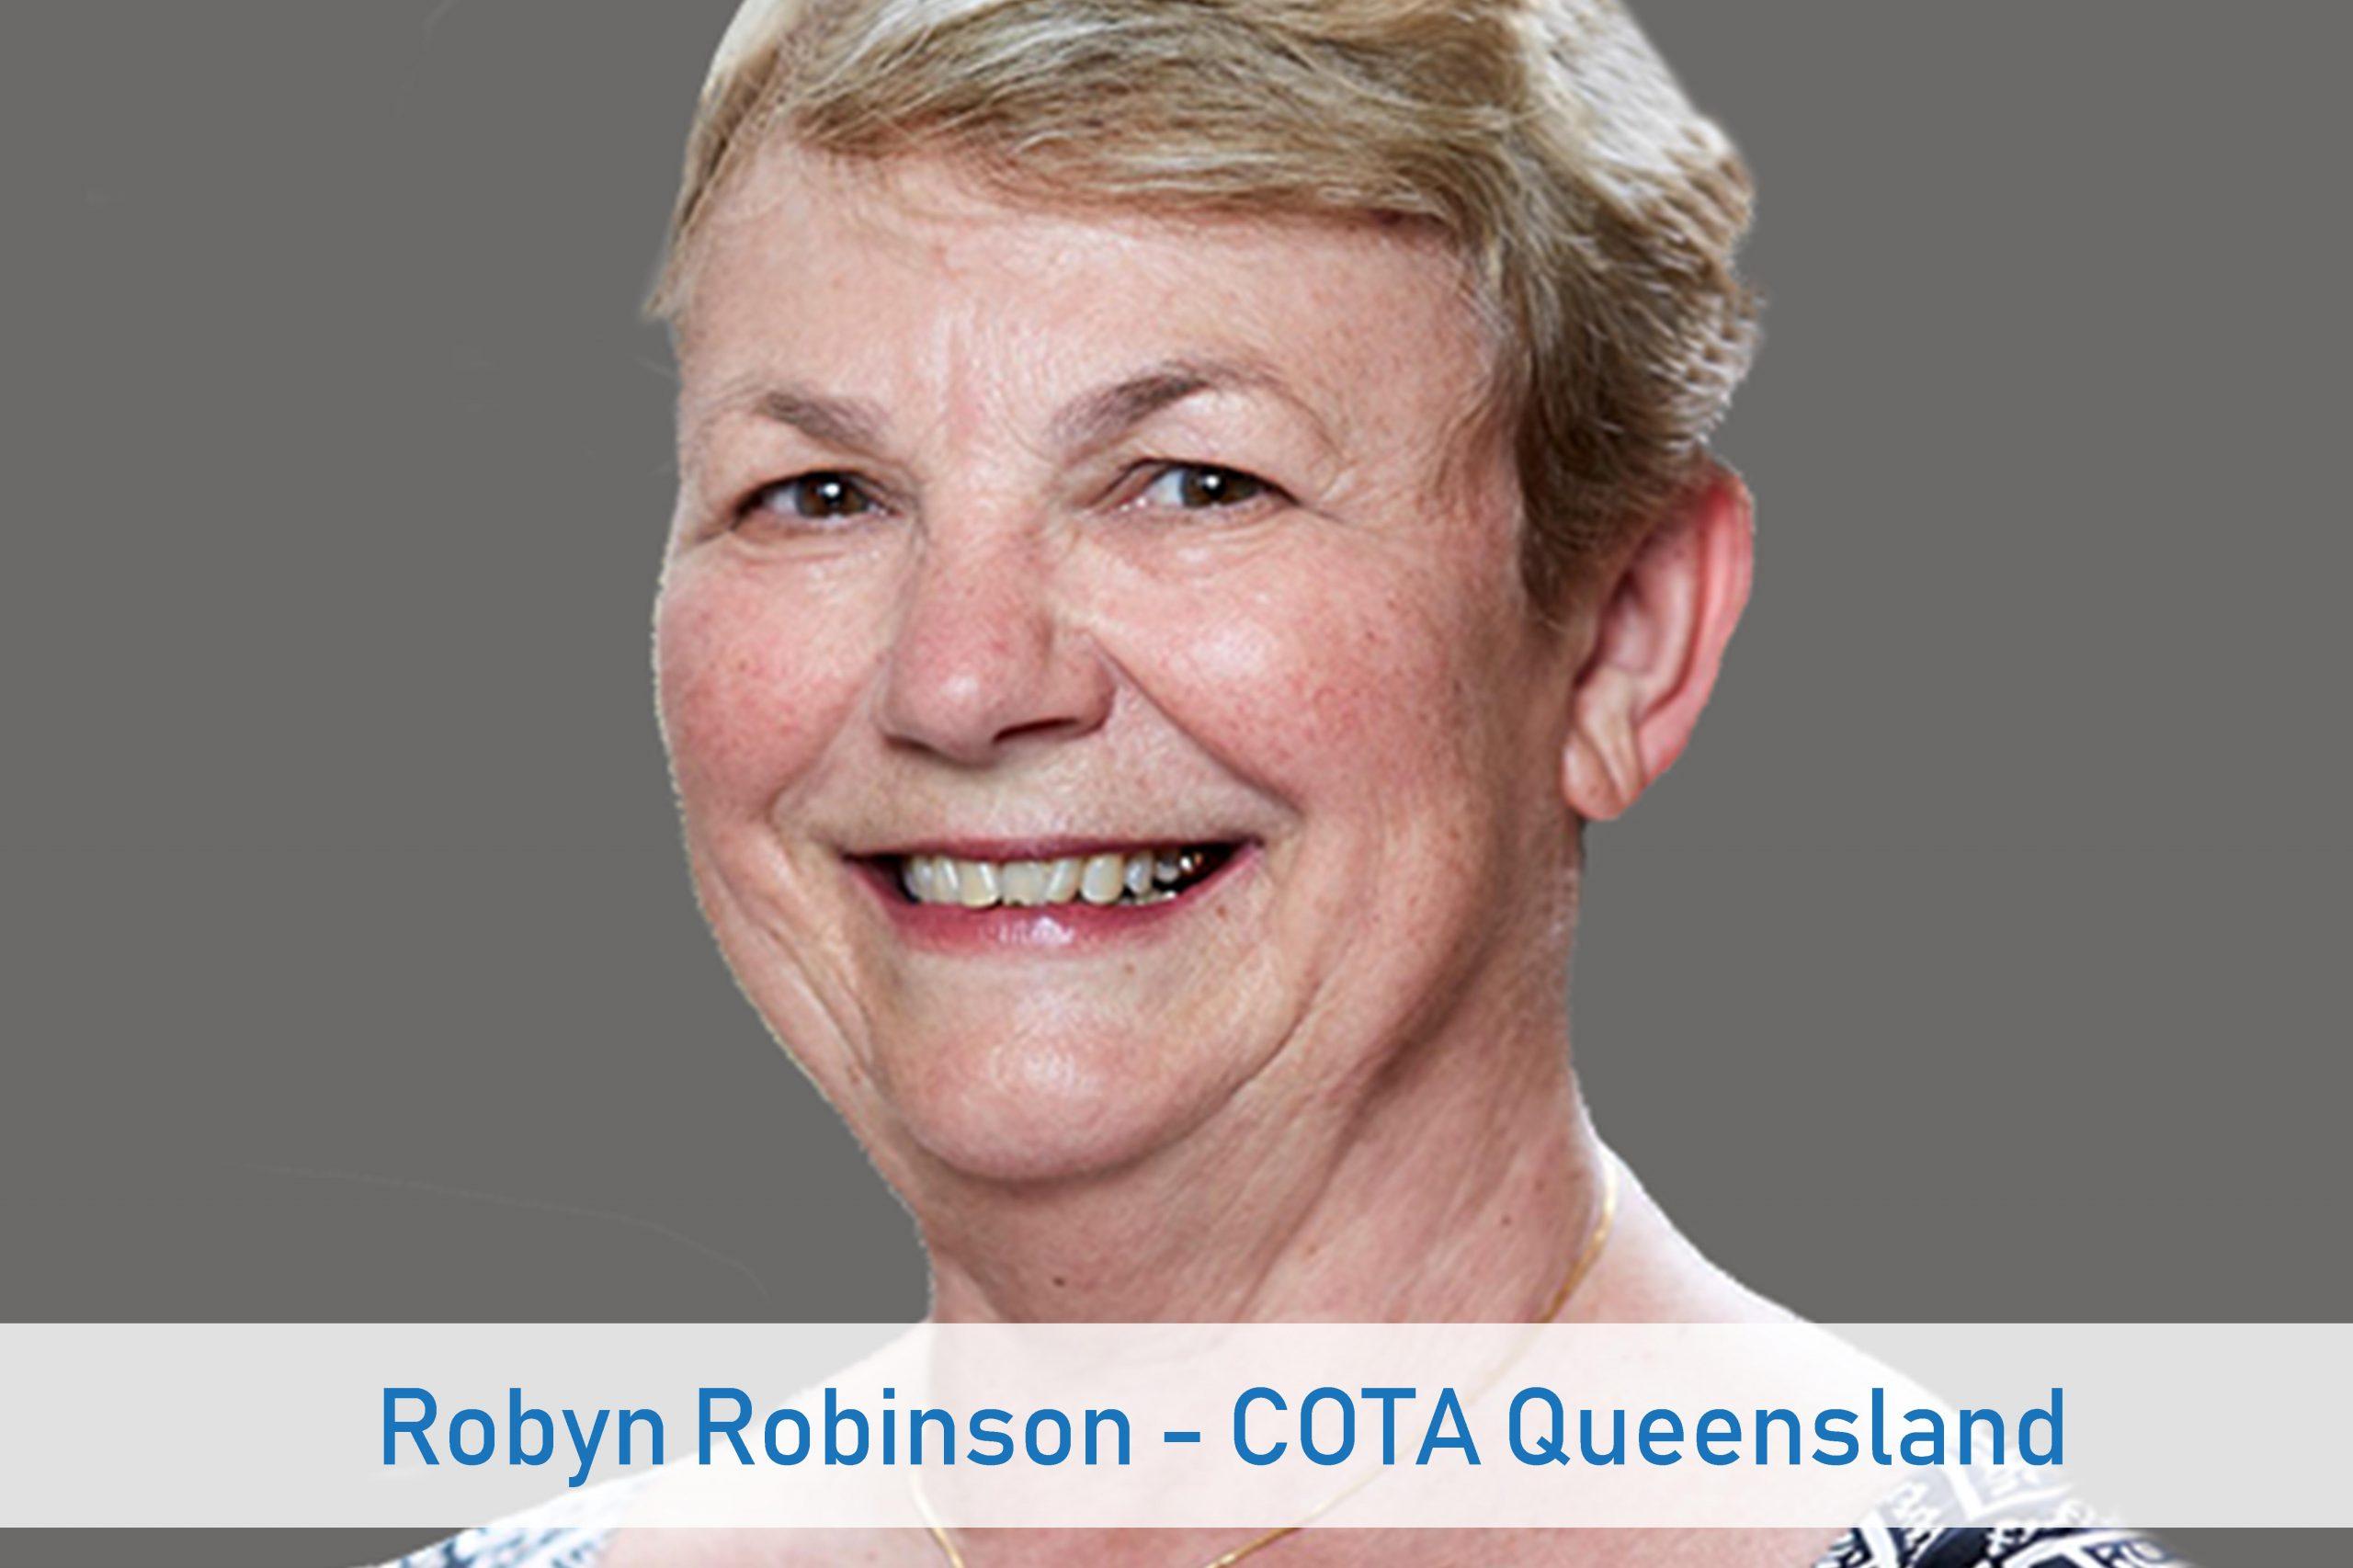 robyn-robinson-cota